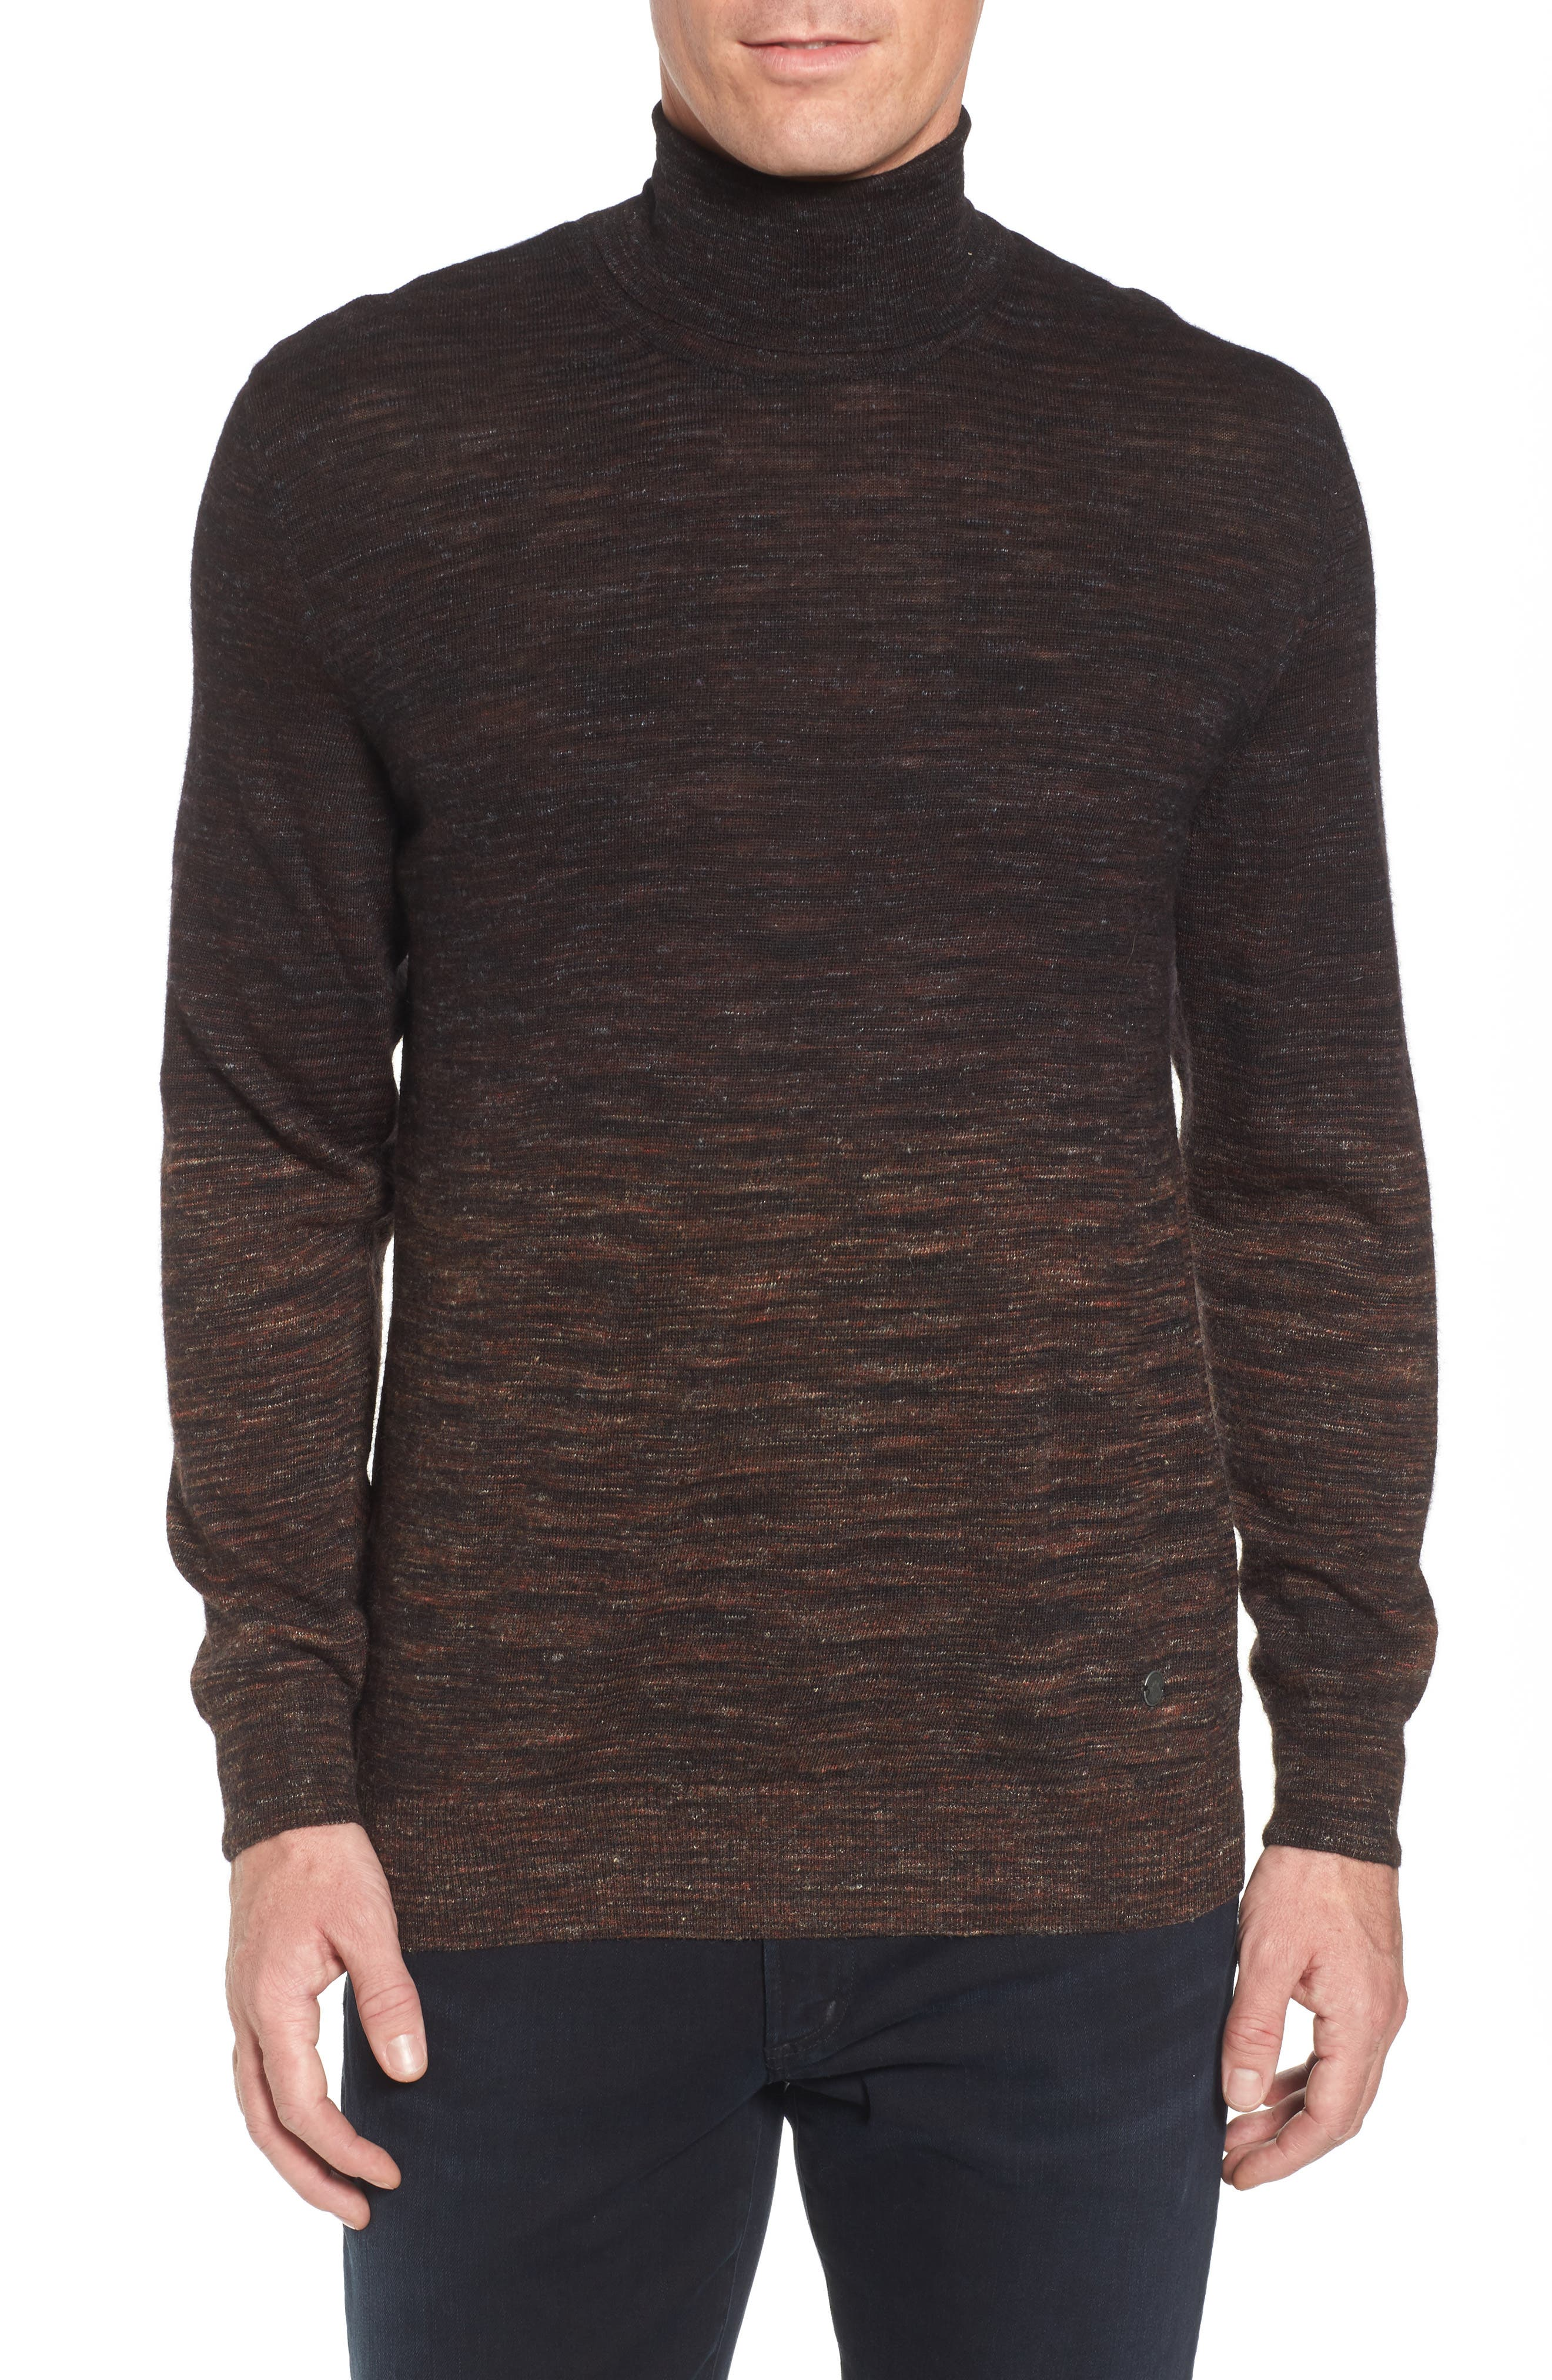 Men's Turtleneck Sweaters | Nordstrom